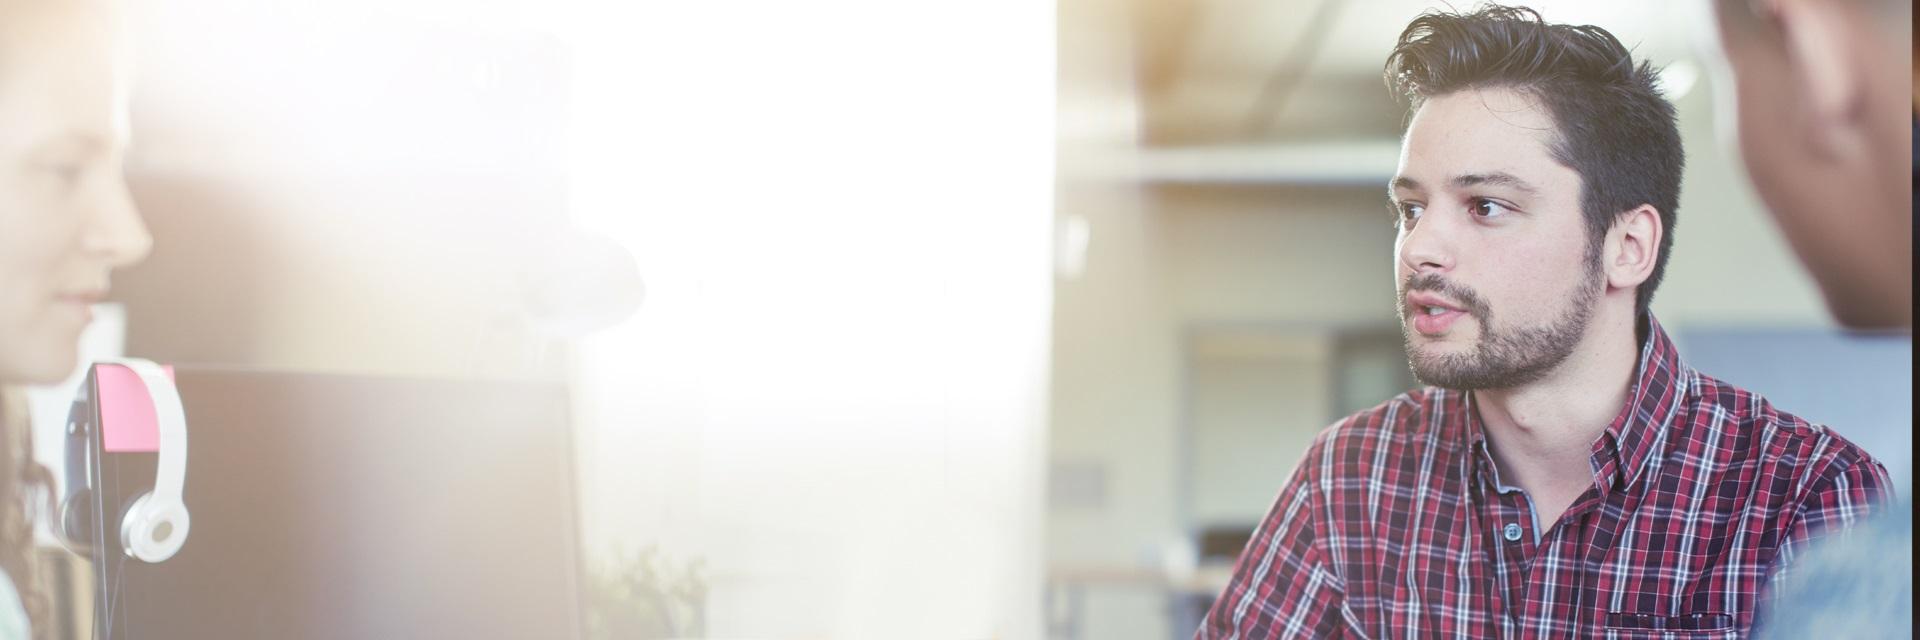 Leverandør av e-faktura invoice B2B. Innkommende elektronisk faktura fra leverandører